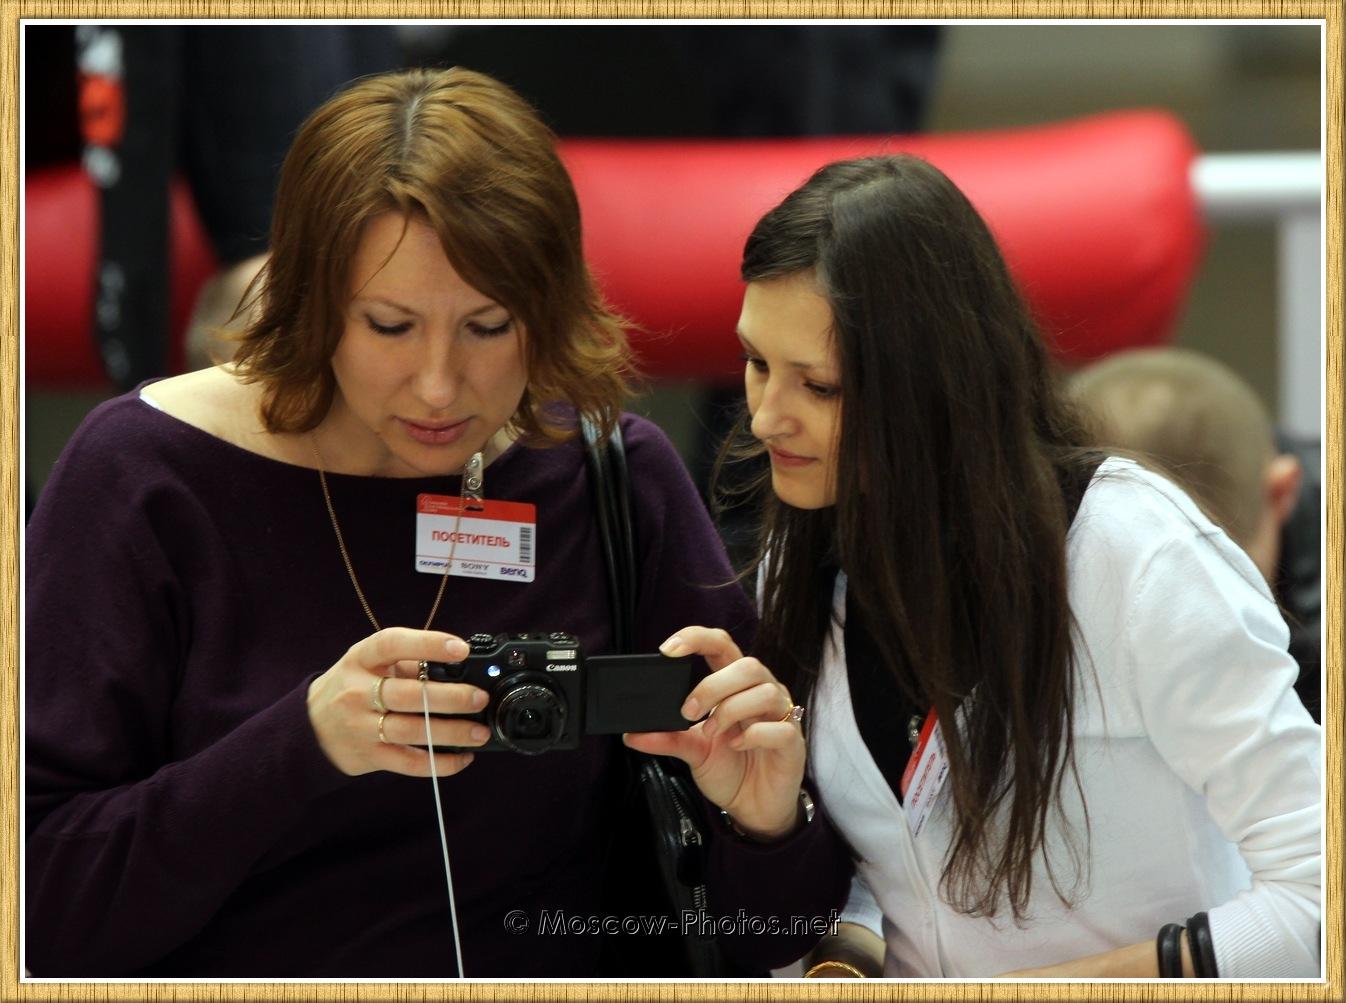 Moscow Photoforum - 2011